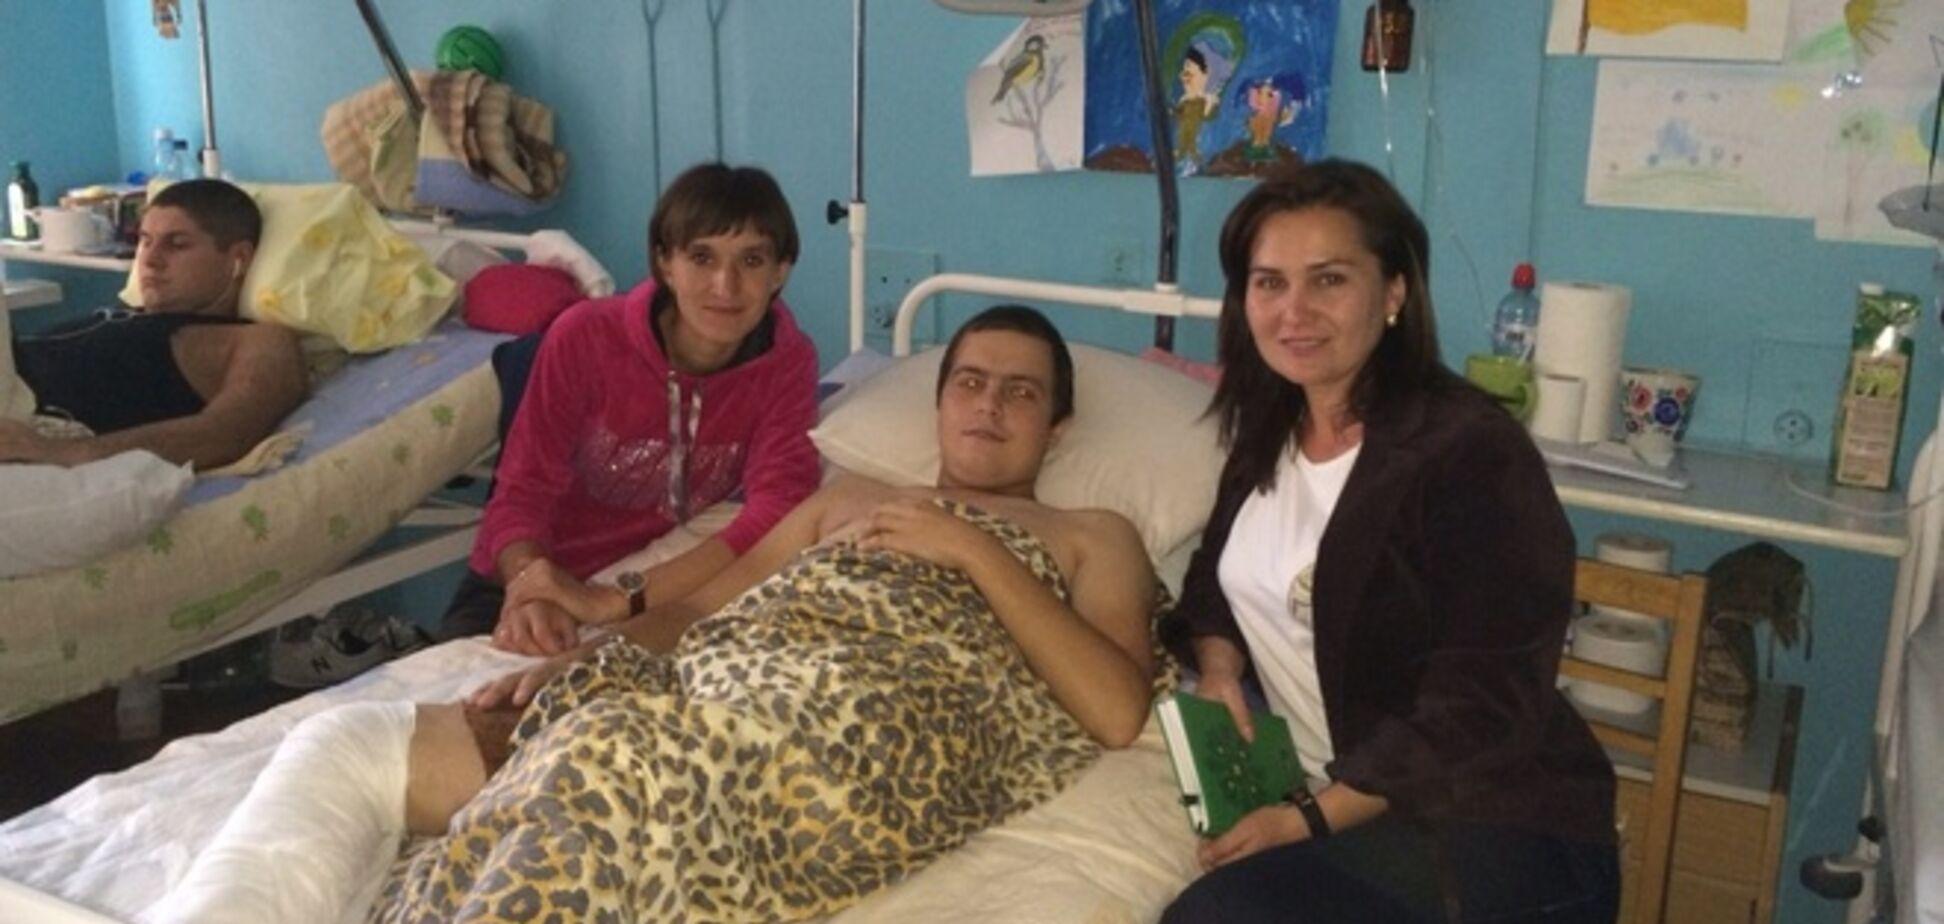 Раненного в обе ноги в 'иловайском котле' украинского бойца свои же 'сдали' в плен оккупантам